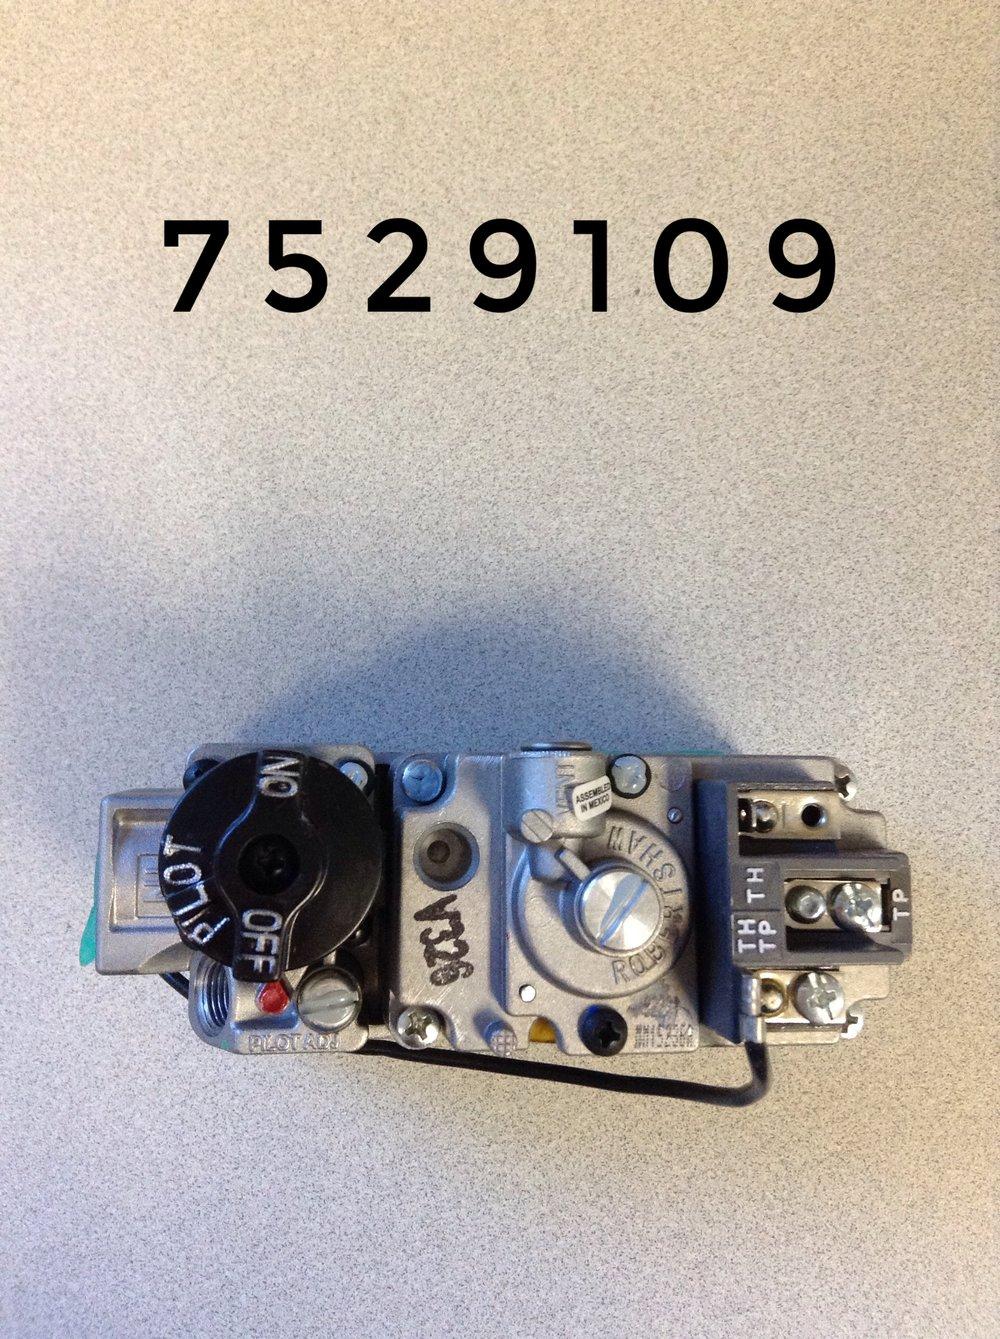 7529109 (1).JPG